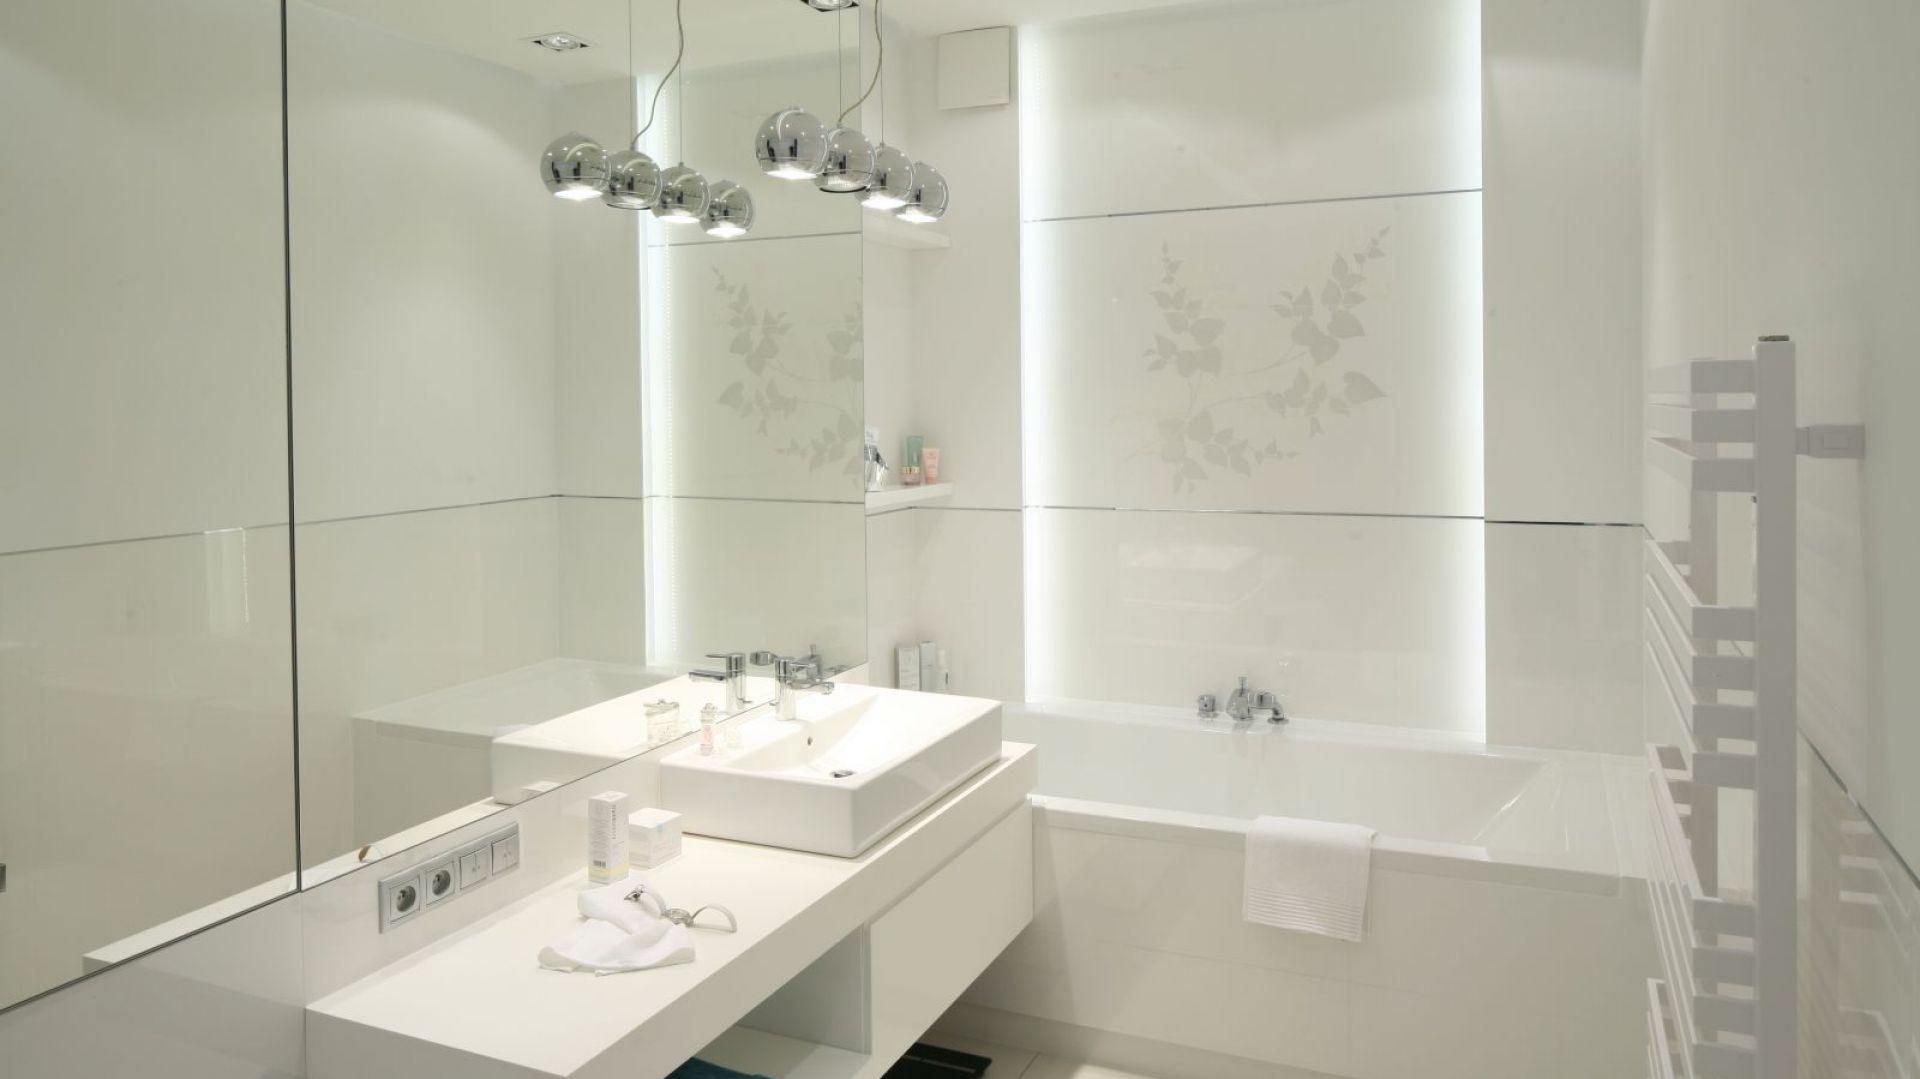 Białe płytki, biała ceramika, grzejnik i dodatki. Łazienkę w całkowitej bieli można ożywić wybierając glazurę z wzorem. Projekt: Anna Maria Sokołowska. Fot. Bartosz Jarosz